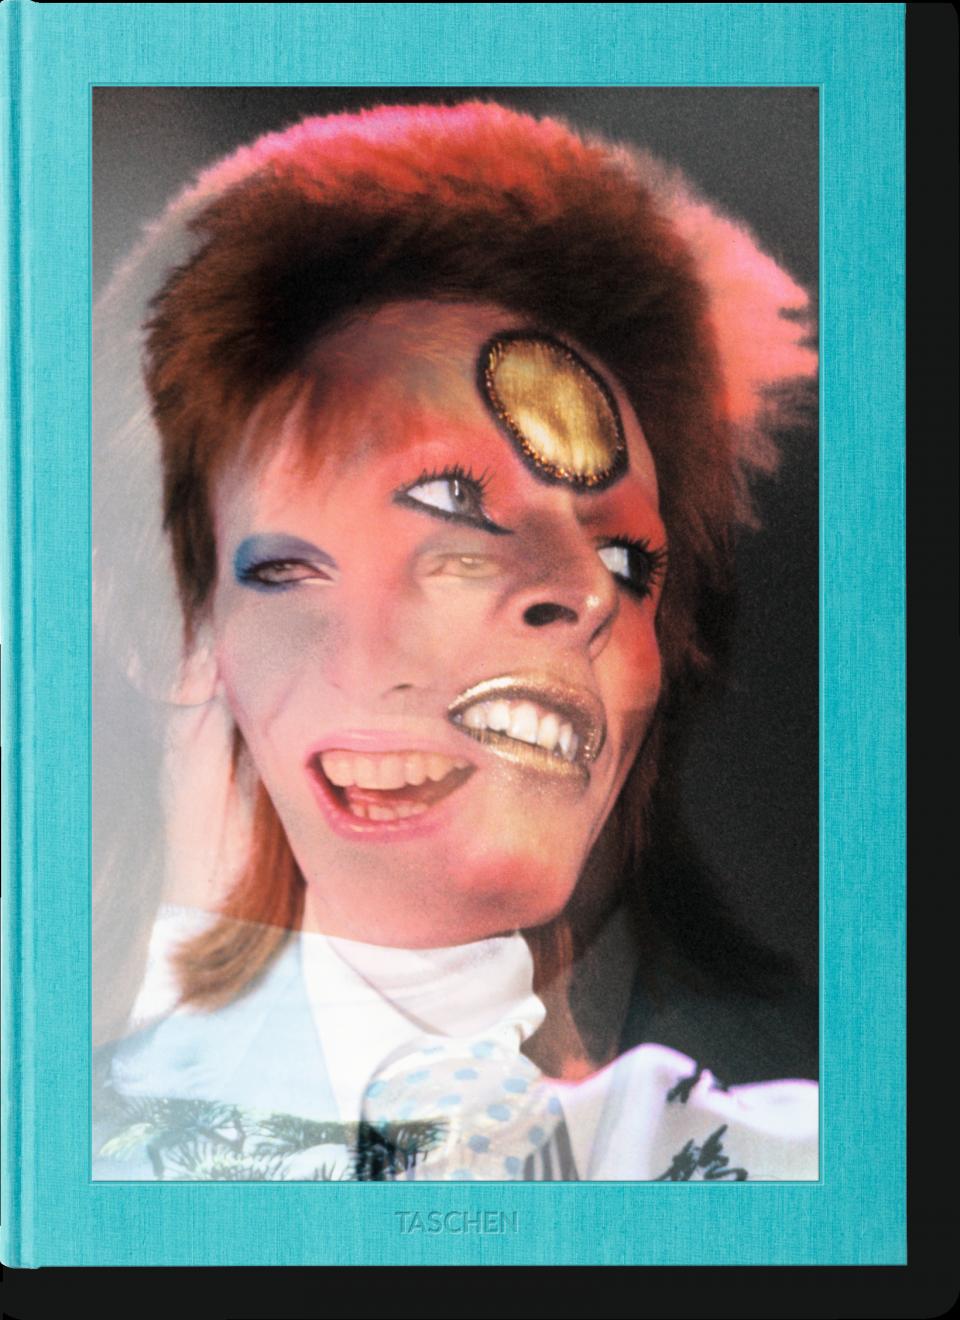 The Rise of David Bowie, 1972-1973, Mick Rock, Ce livre, constitué pour près de la moitié d'images jamais publiées auparavant, réunit autant de spectaculaires photos de scène et de clichés emblématiques que des portraits intimes pris en coulisses de David Bowie. S'ouvrant par une couverture 3D révélant plusieurs portraits, le livre rend hommage à l'esprit d'expérimentation et de réinvention permanente de Bowie et apportent un éclairage inédit sur sa carrière et ses multiples facettes. À la fois distant et proche, ludique et sérieux, sincère et artificiel, cet hommage déborde d'énergie et d'audace à l'instar de l'artiste et célèbre un artiste flamboyant et inspirant, dont on n'oubliera jamais la puissance créative. Un hommage unique du photographe officiel et partenaire artistique de David Bowie, Mick Rock. Imaginé en 2015 avec la bénédiction de Bowie, ce recueil électrisant comprend des photographies de scène, images des coulisses, couvertures d'album, entre autres, pour retracer la révolution musicale, théâtrale et sexuelle déclenchée par la fameuse tournée mondiale de «Ziggy Stardust» entre 1972 et 1973, et célébrer l'inspiration inépuisable d'un artiste audacieux et flamboyant. On notera que TASCHEN expose plus de 20 photos signées Mick Rock au Montreux Jazz Festival qui sont en vente à la House of Jazz Boutique et également via taschen.com/montreux. Par NYATA NATALIE RIAD go out magazine